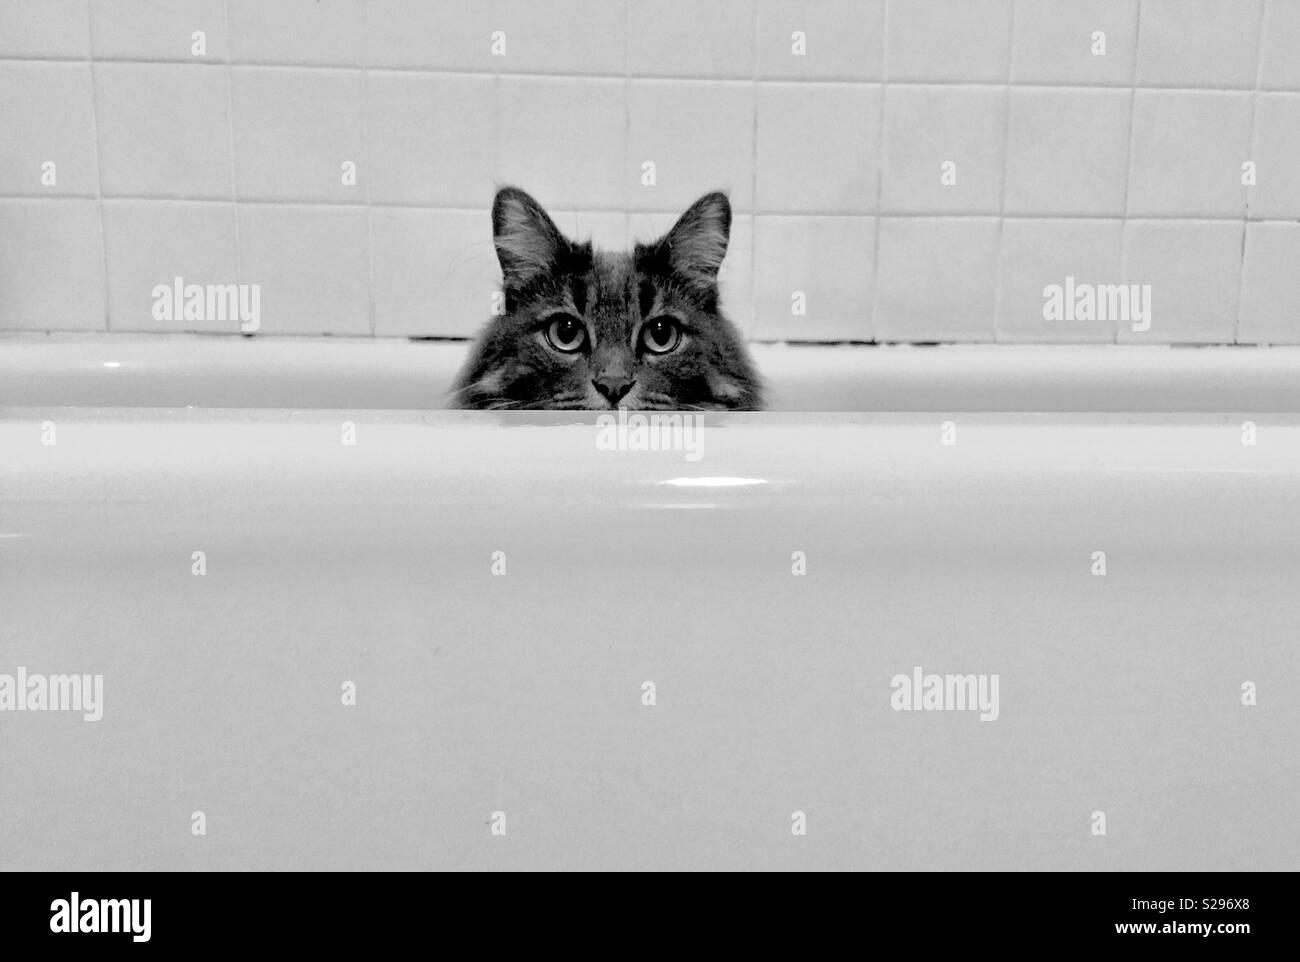 Gatto in una vasca da bagno. Immagini Stock